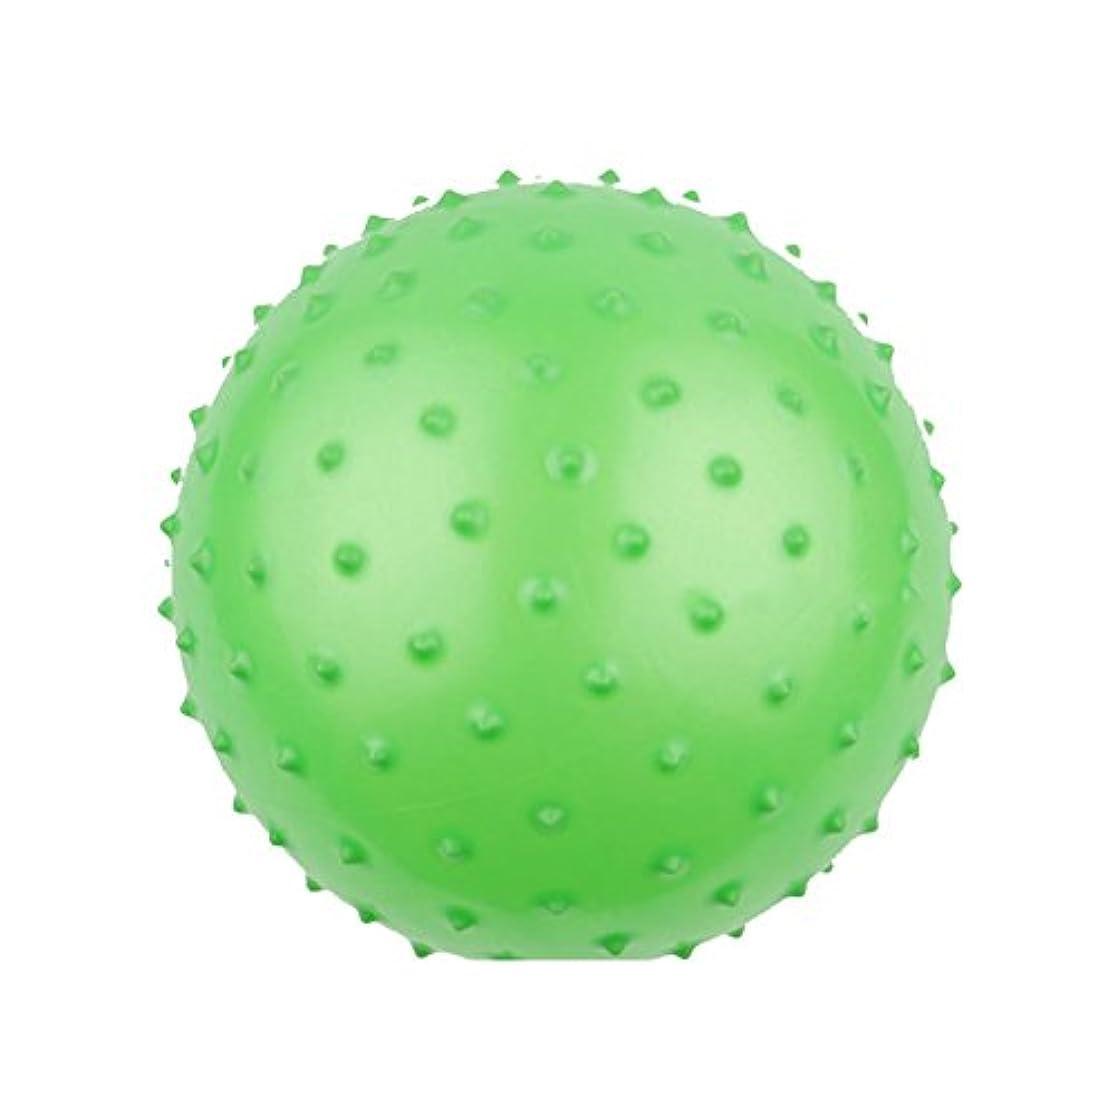 雇用ペルソナ耐久Liebeye 野球ボール 素敵な野球ボールマッサージボールキッズインフレータブルおもちゃのギフト装飾品(ランダムカラー) 28cmマッサージボール